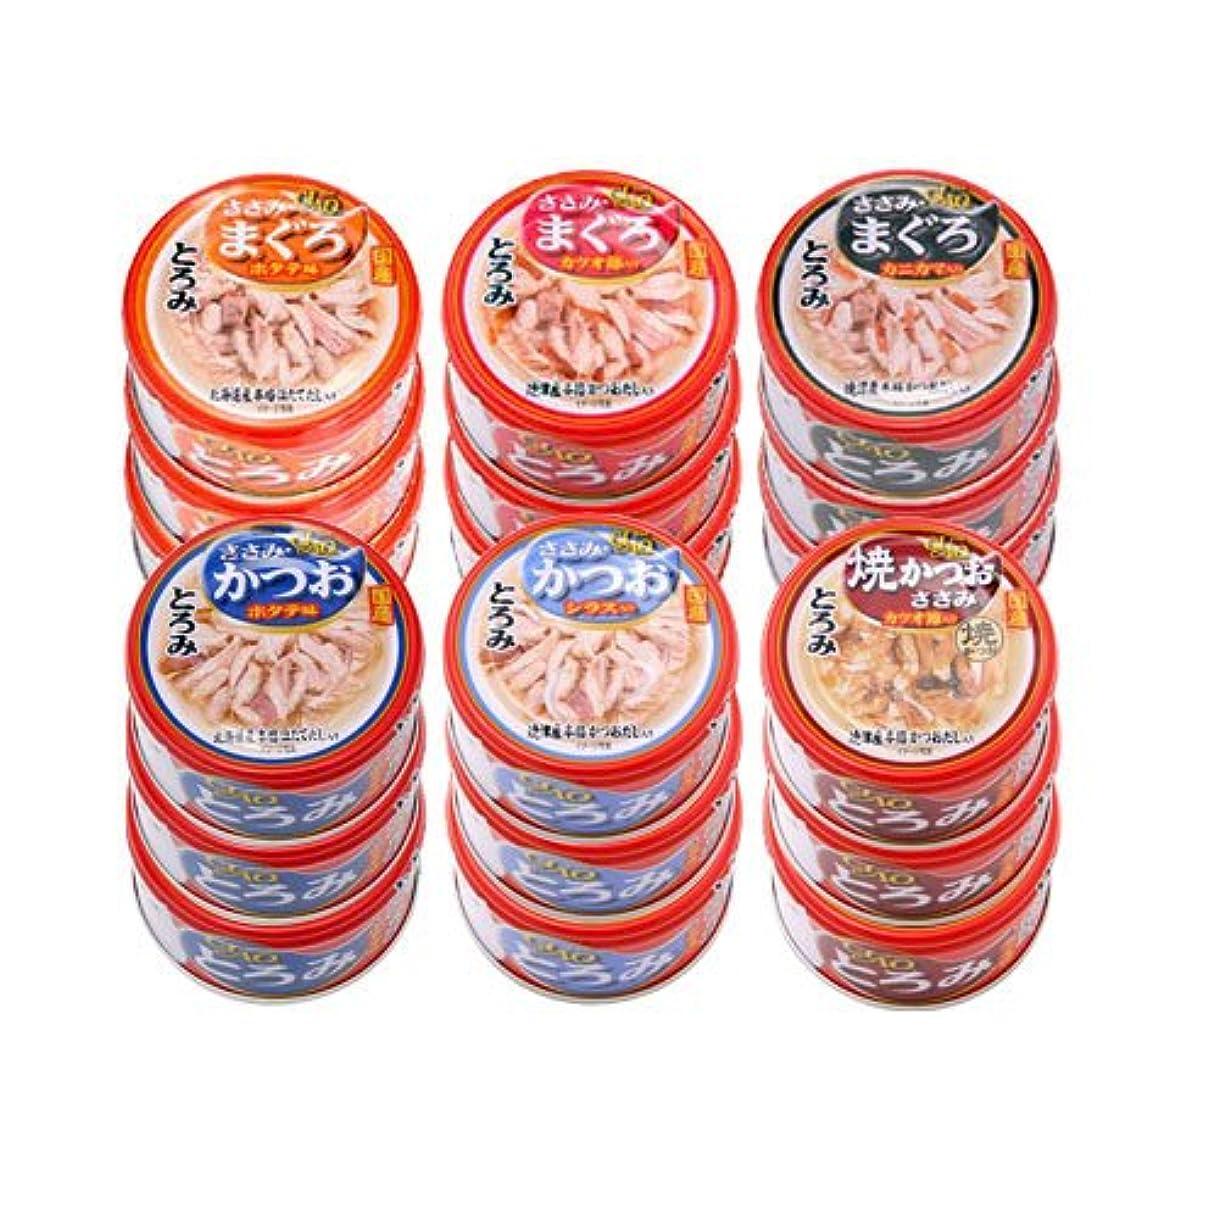 アンテナ禁輸リボンアソート いなば CIAO(チャオ) とろみ 80g 6種18缶 キャットフード CIAO チャオ